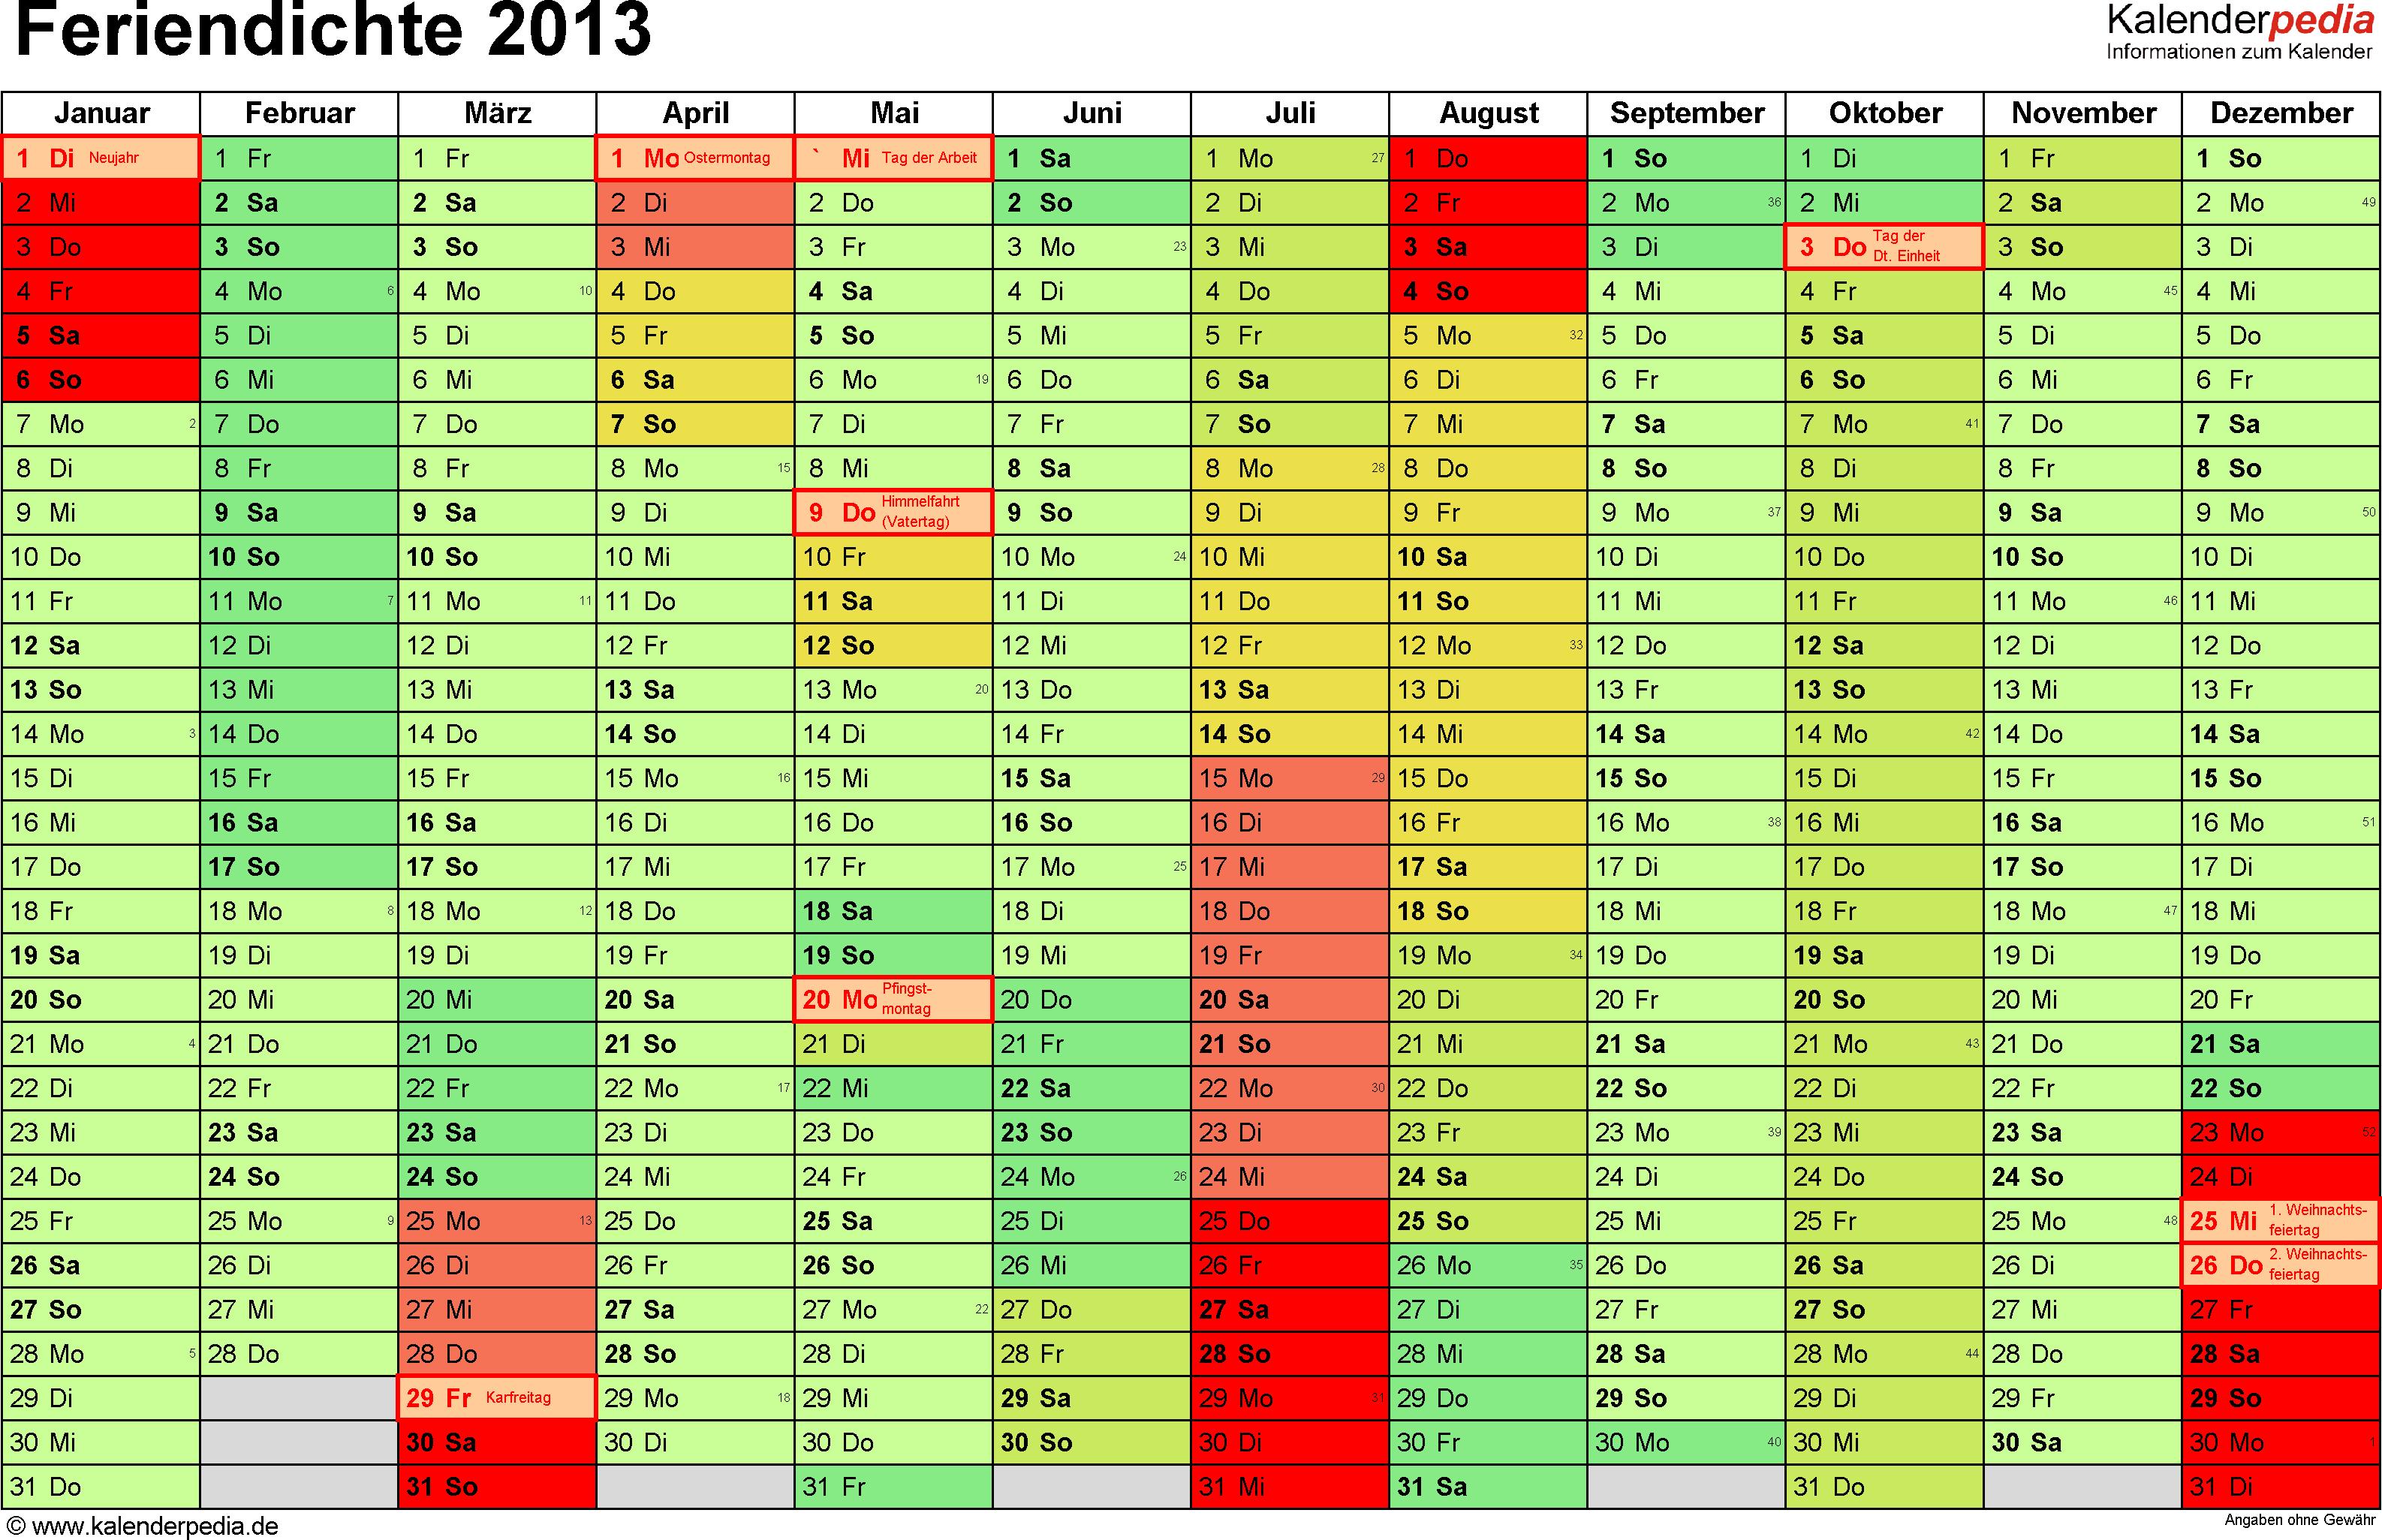 Feriendichte 2013 als Excel- & PDF-Vorlagen zum Download und Ausdrucken